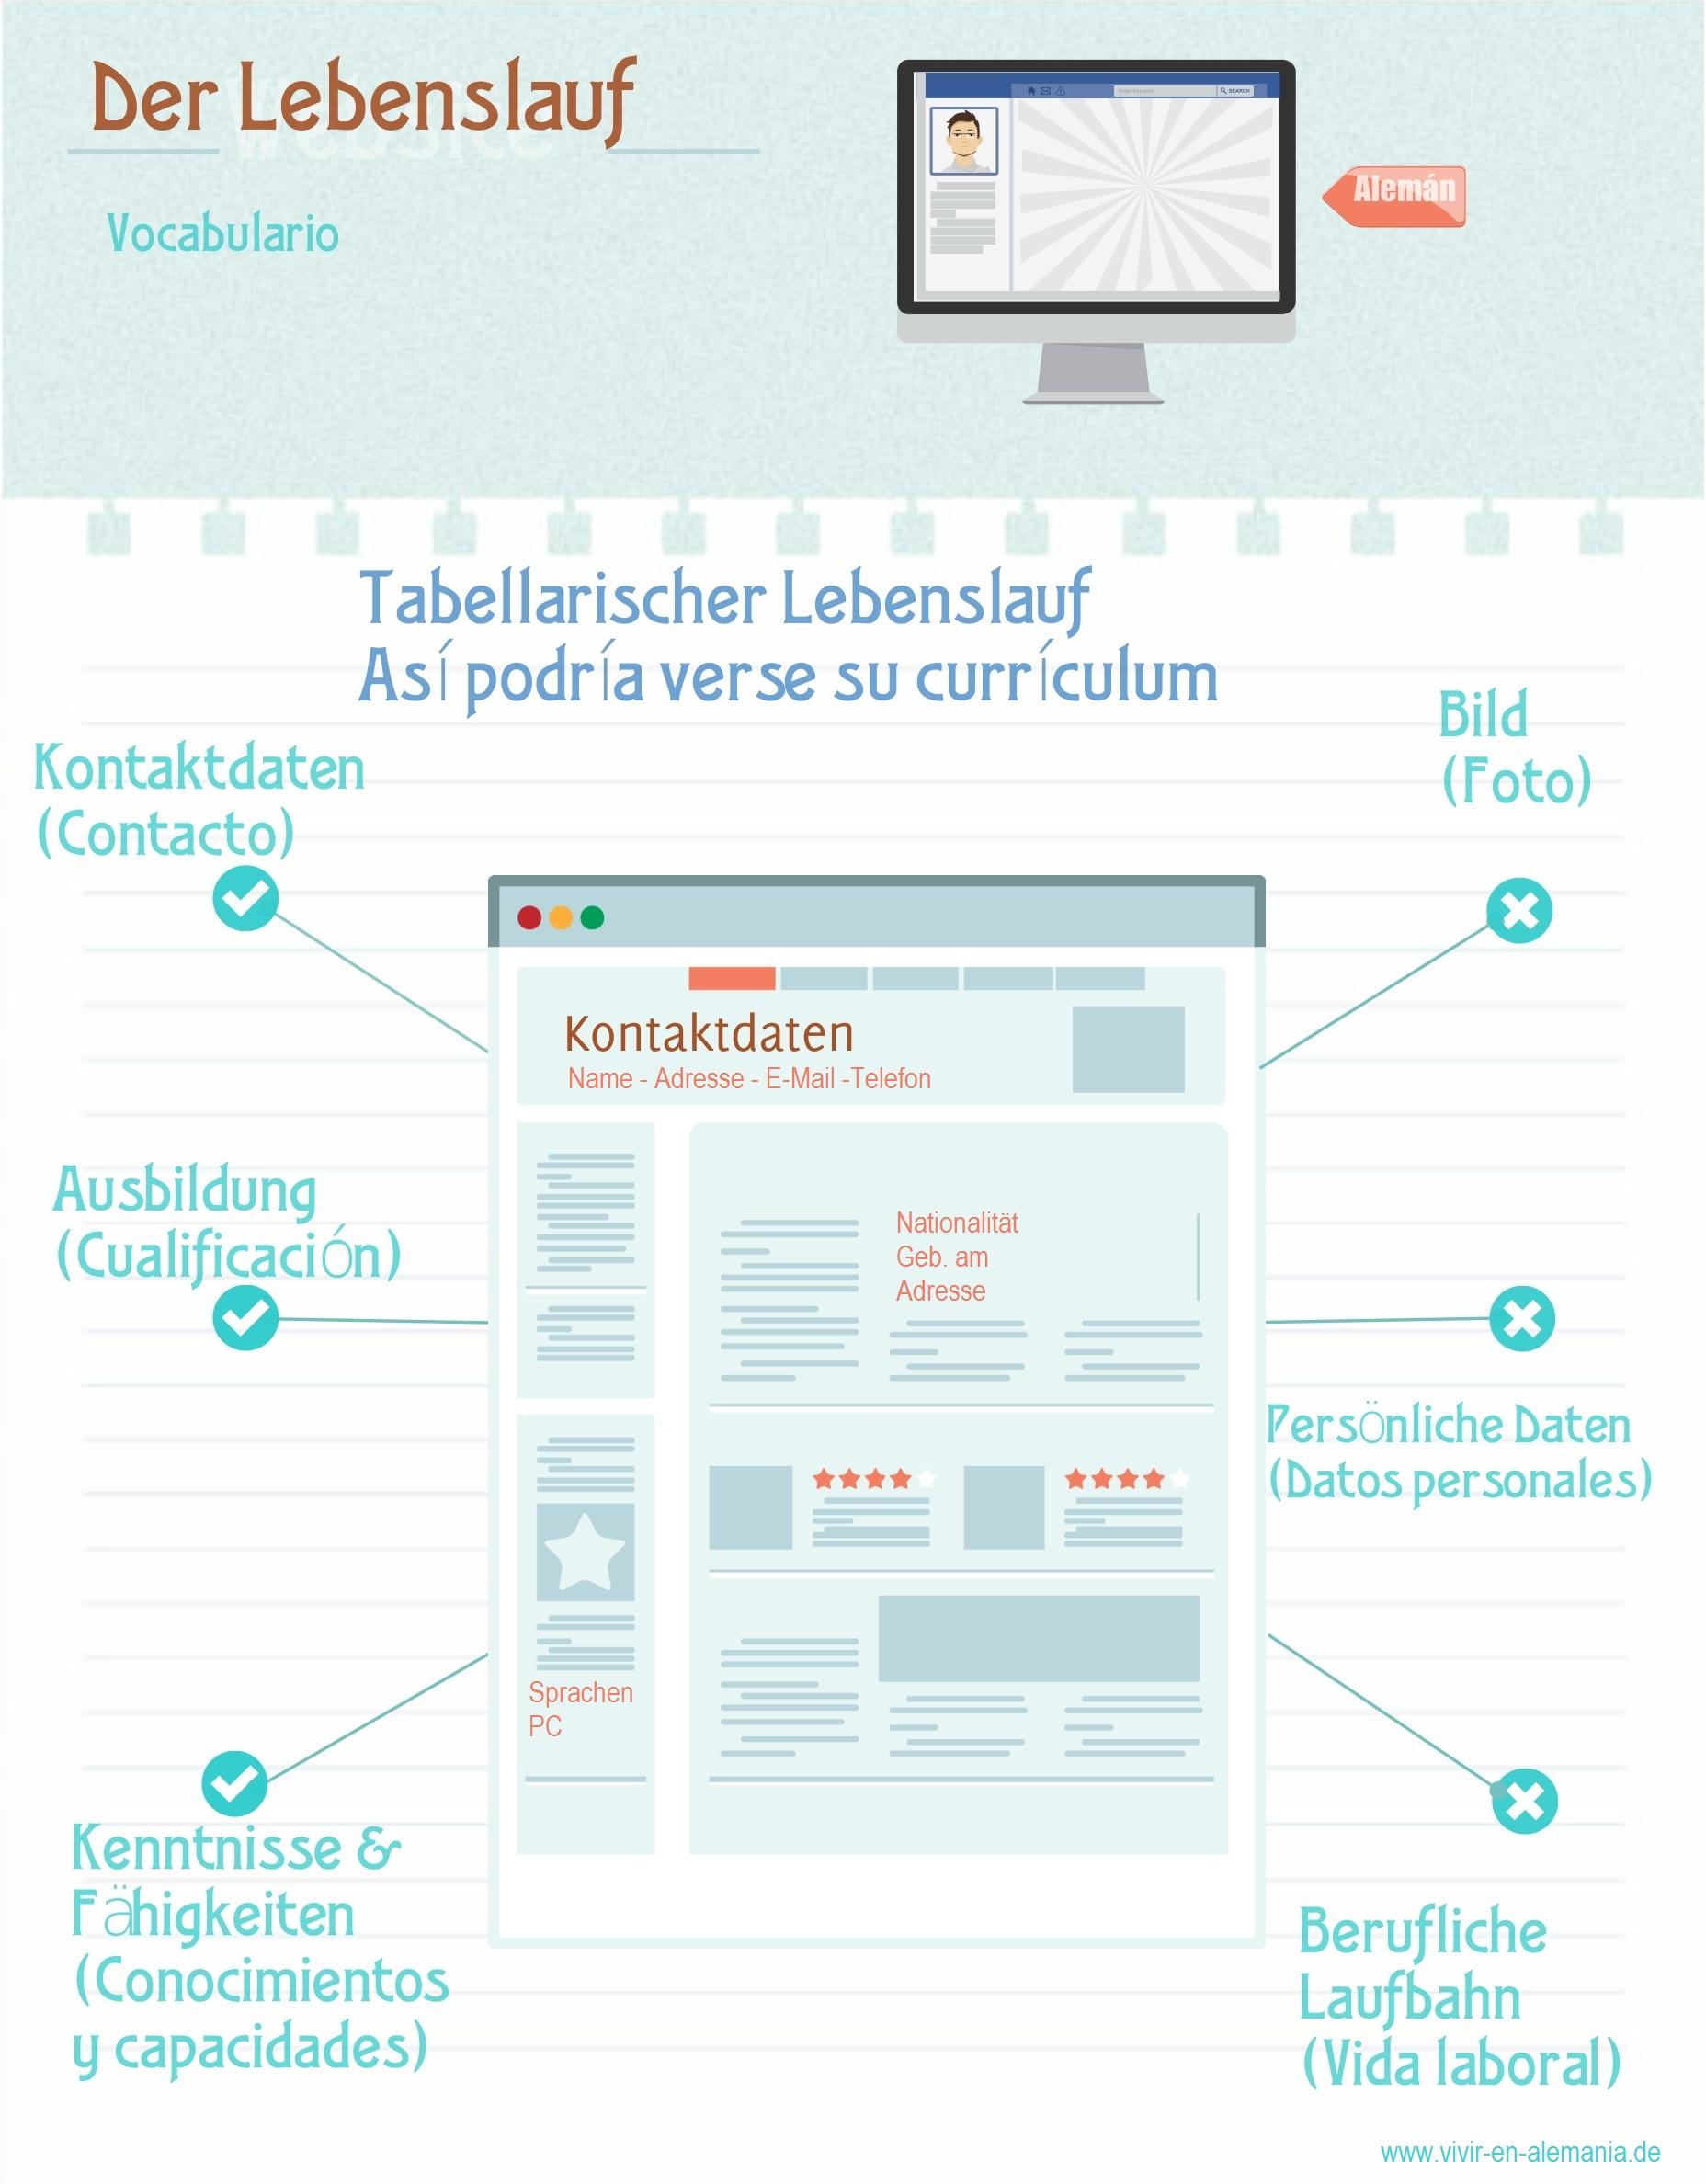 Cómo hacer un currículum en Alemán - Tutorial paso a paso